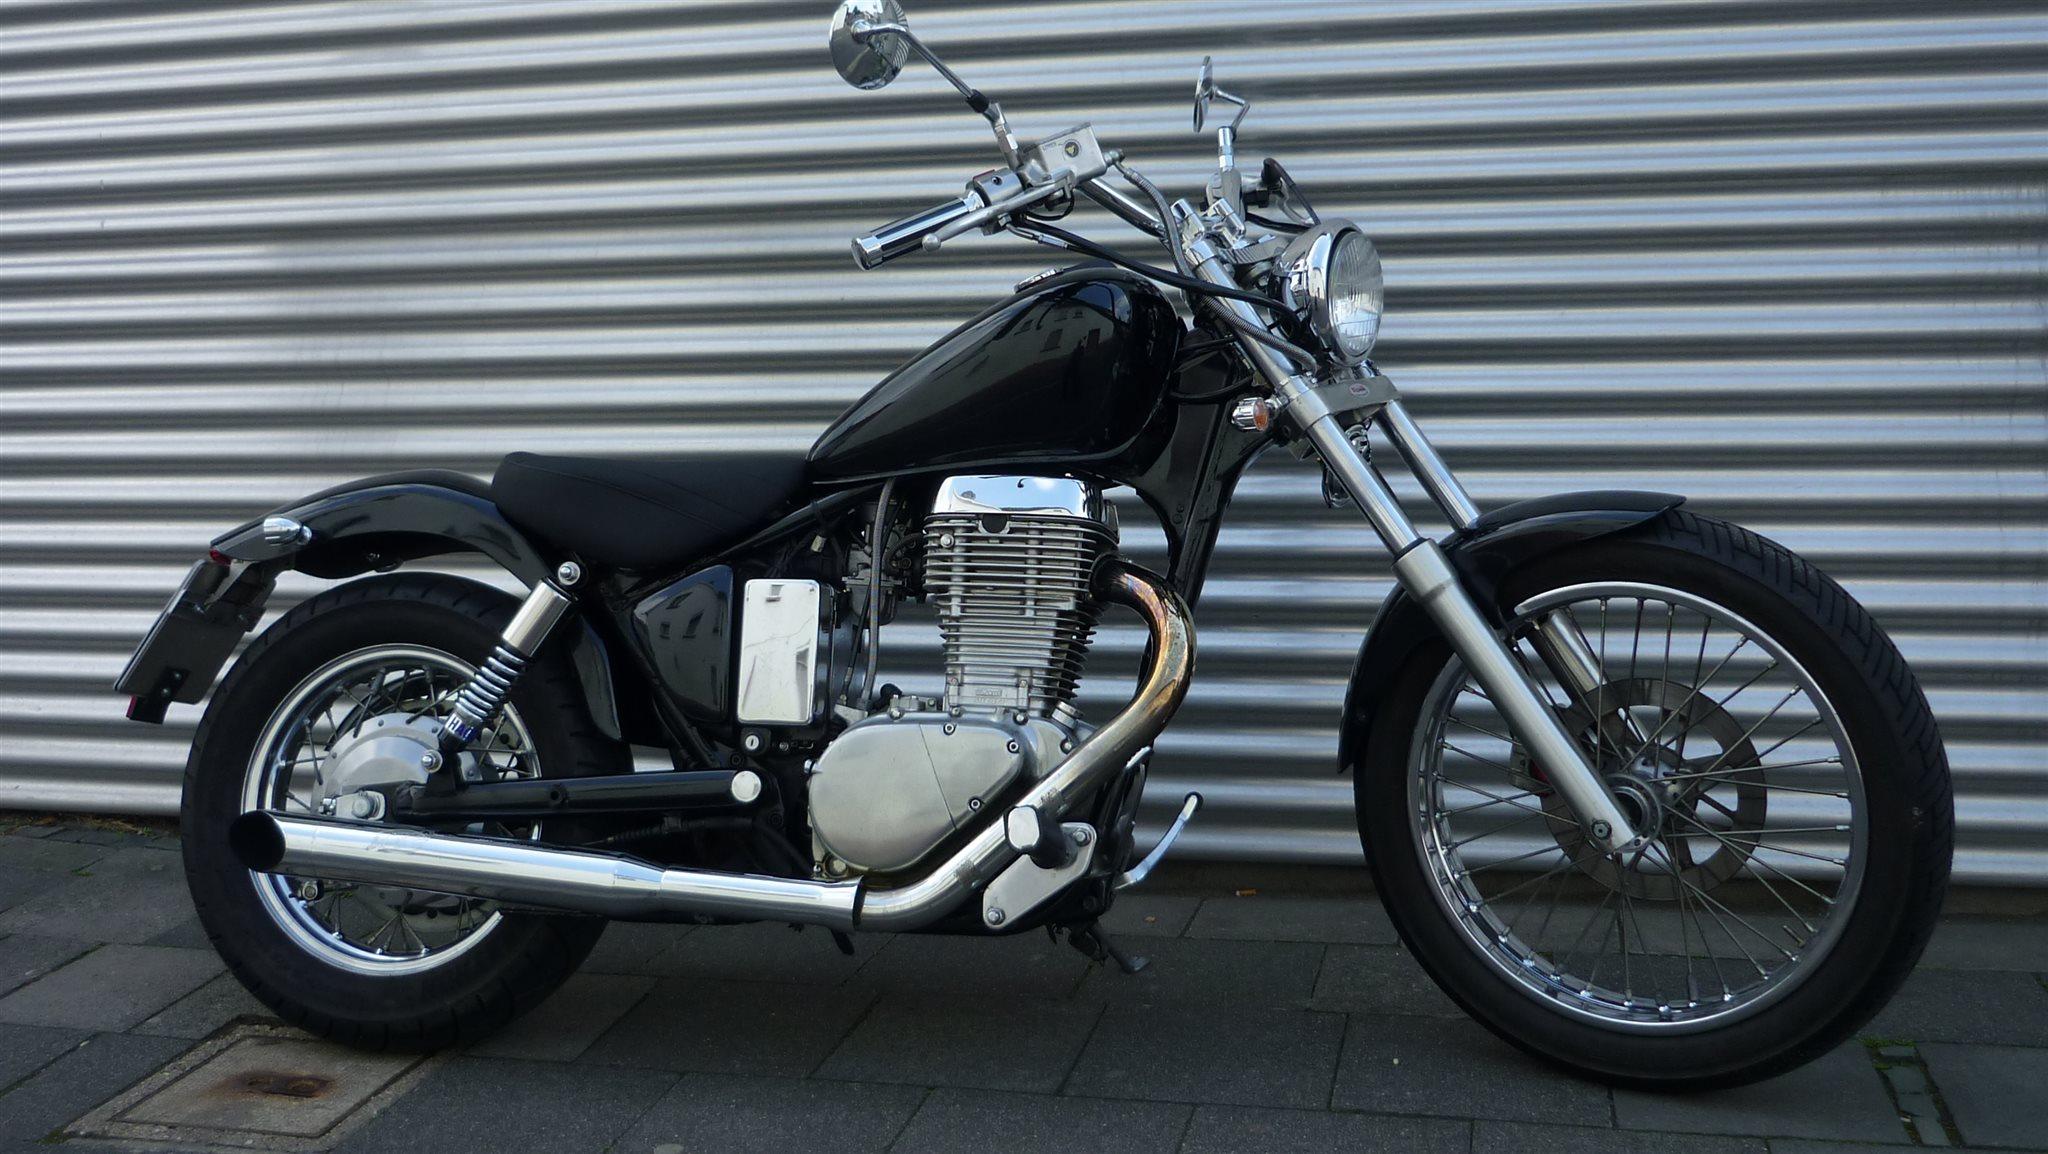 Umgebautes Motorrad Suzuki LS 650 Von 2 Rad Lohmer